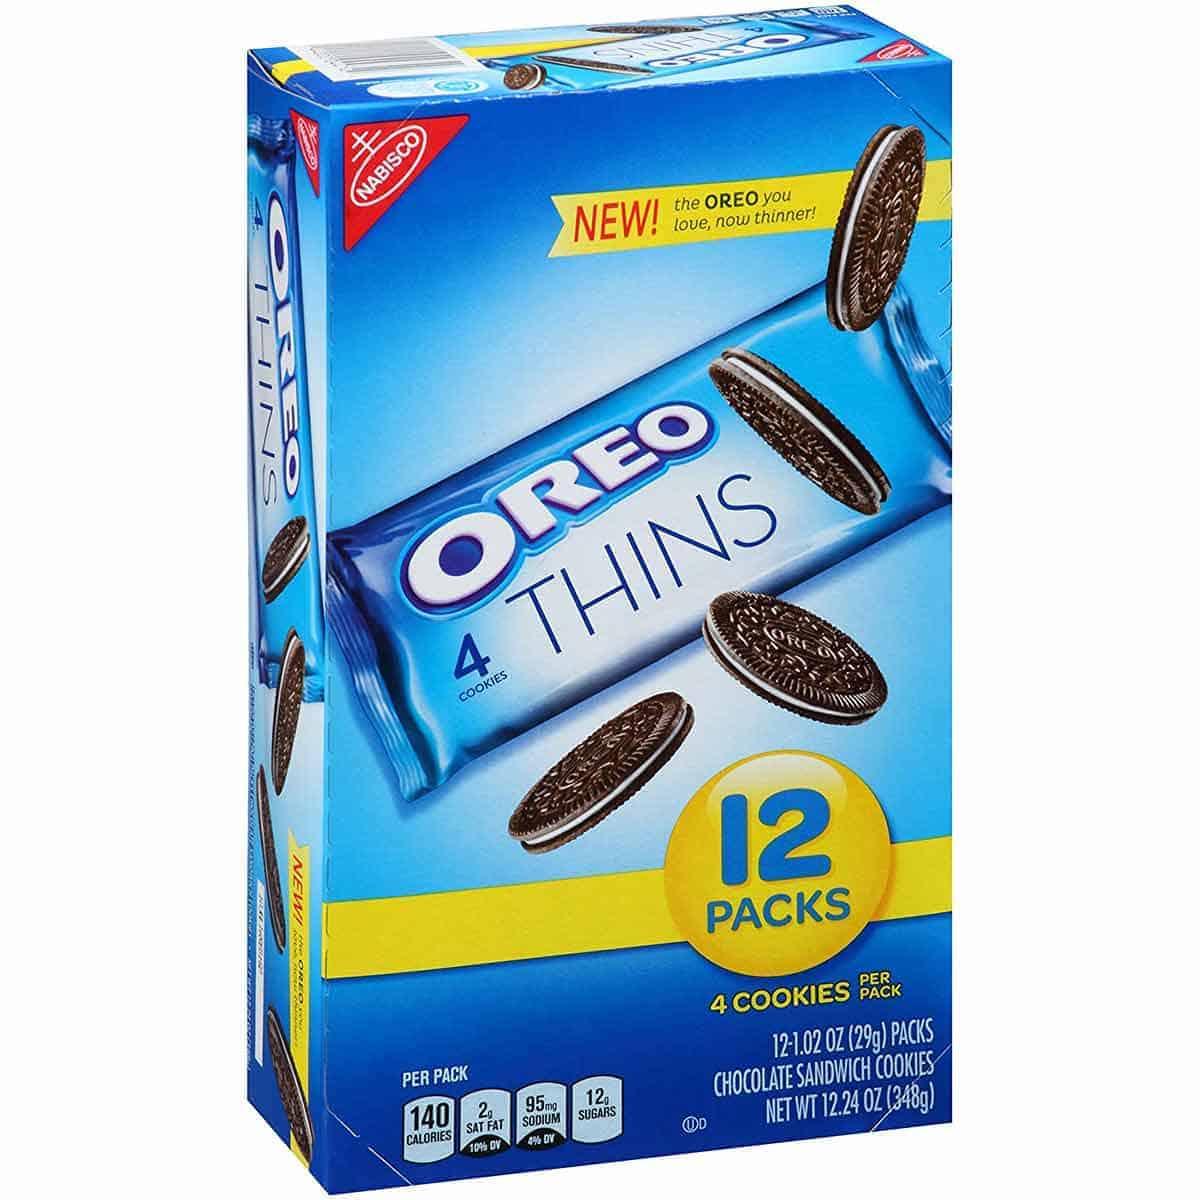 A box of Oreo Thins